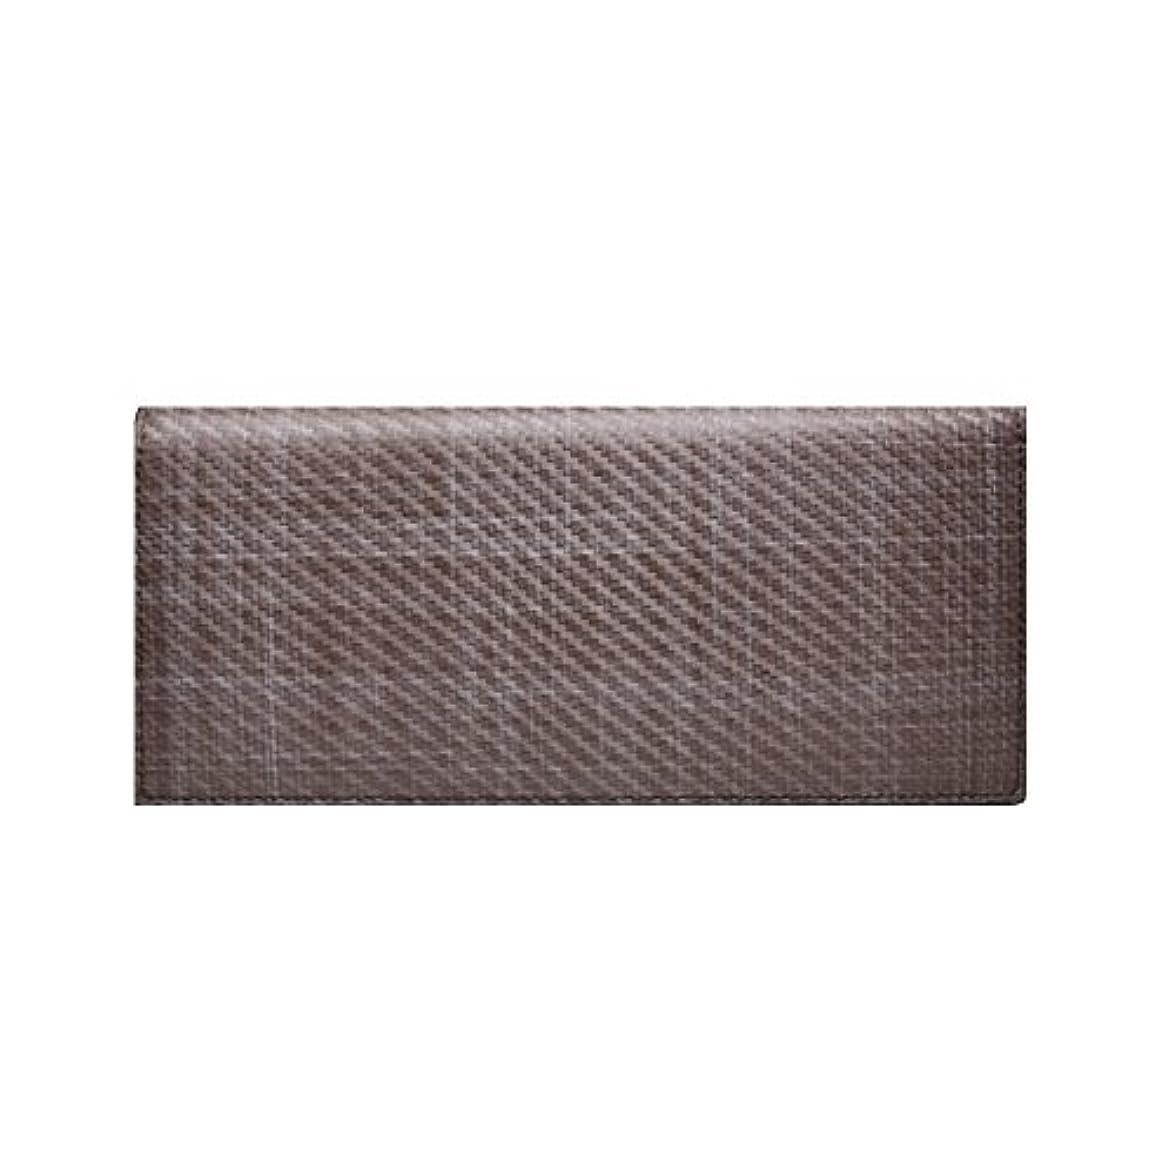 落ち着かないリストオリエンタル【LANZA】 ランザ イタリア製 グラフィット カーボンレザー 二つ折り 長財布